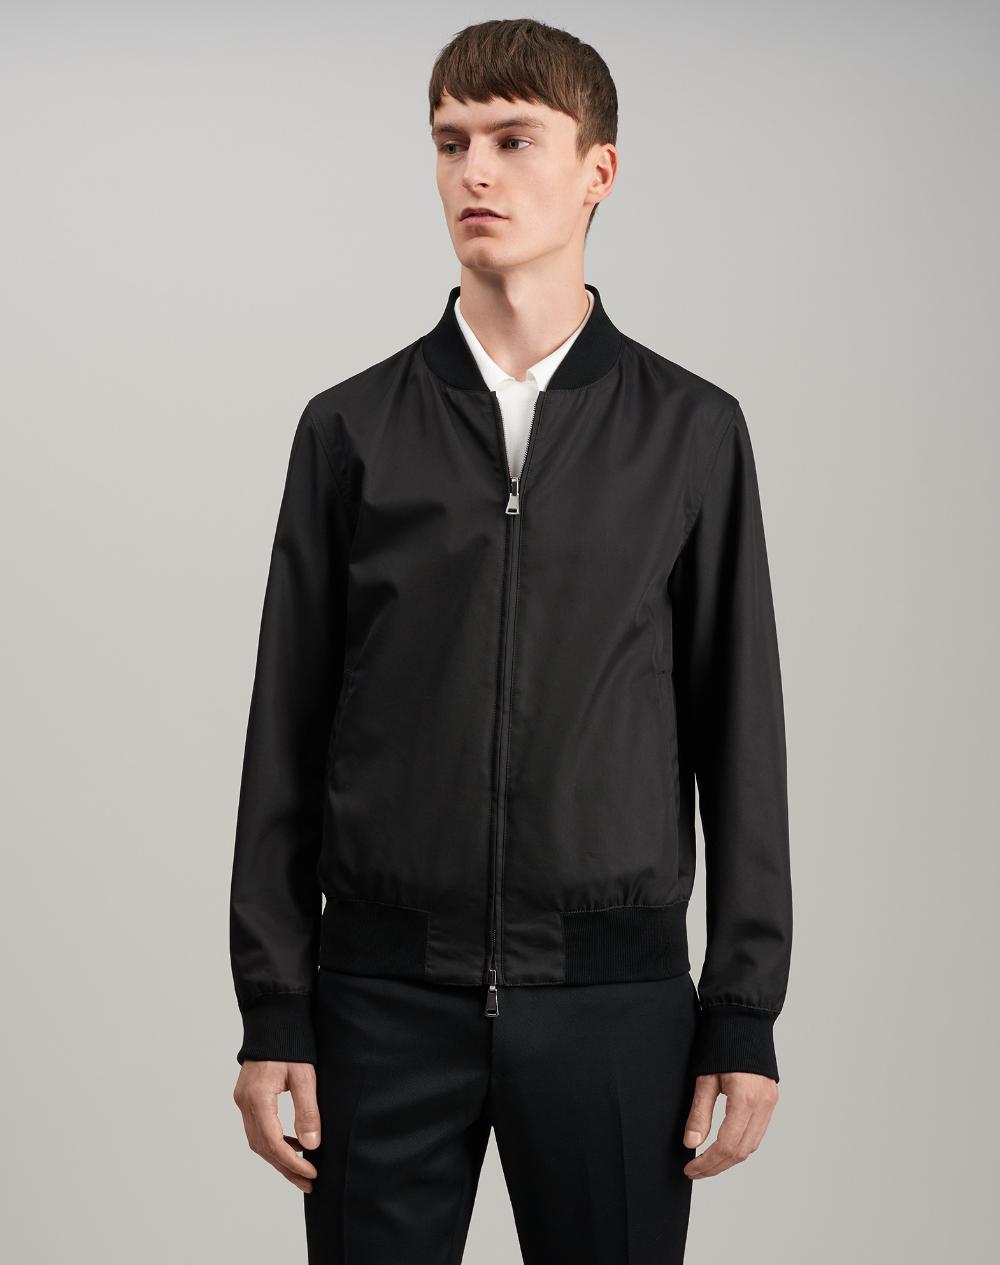 Men's Black Carbon Fibre Print Jacket dunhill PH Online